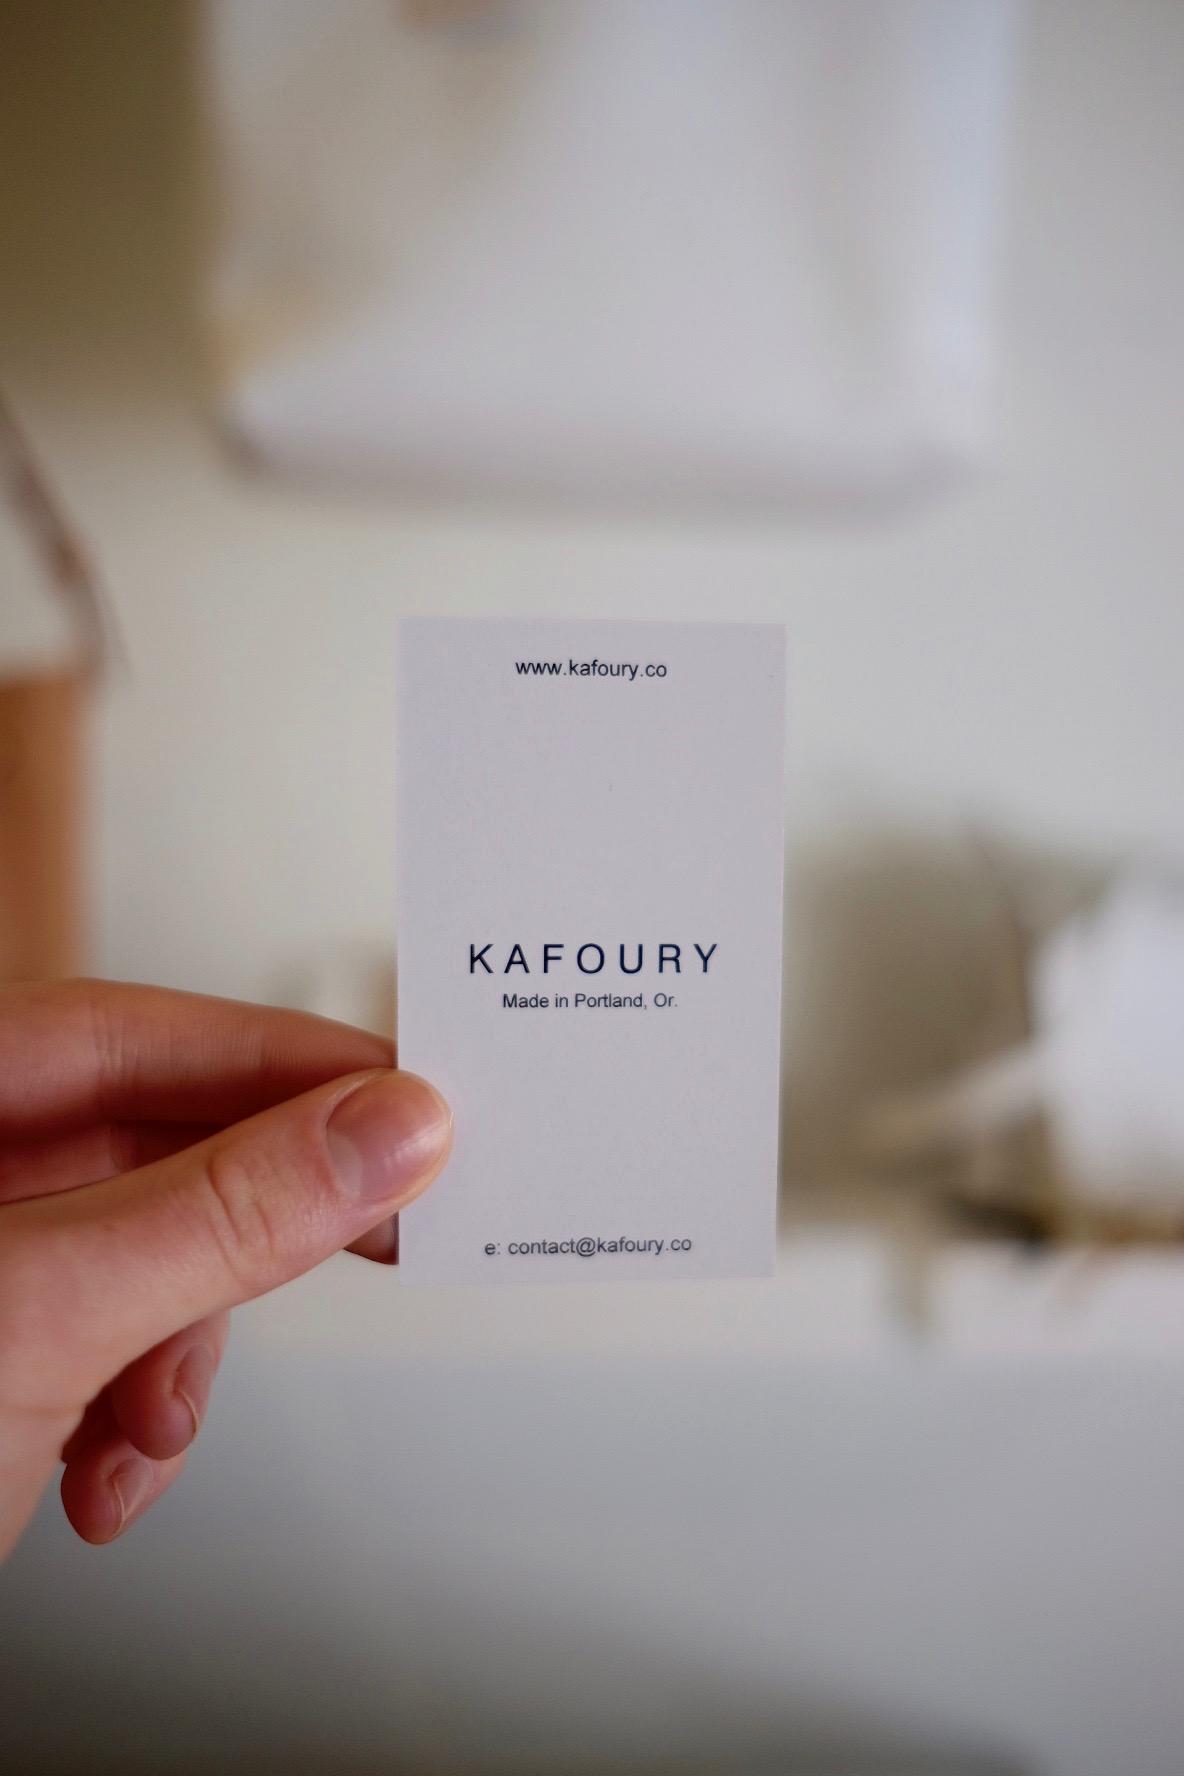 kafoury